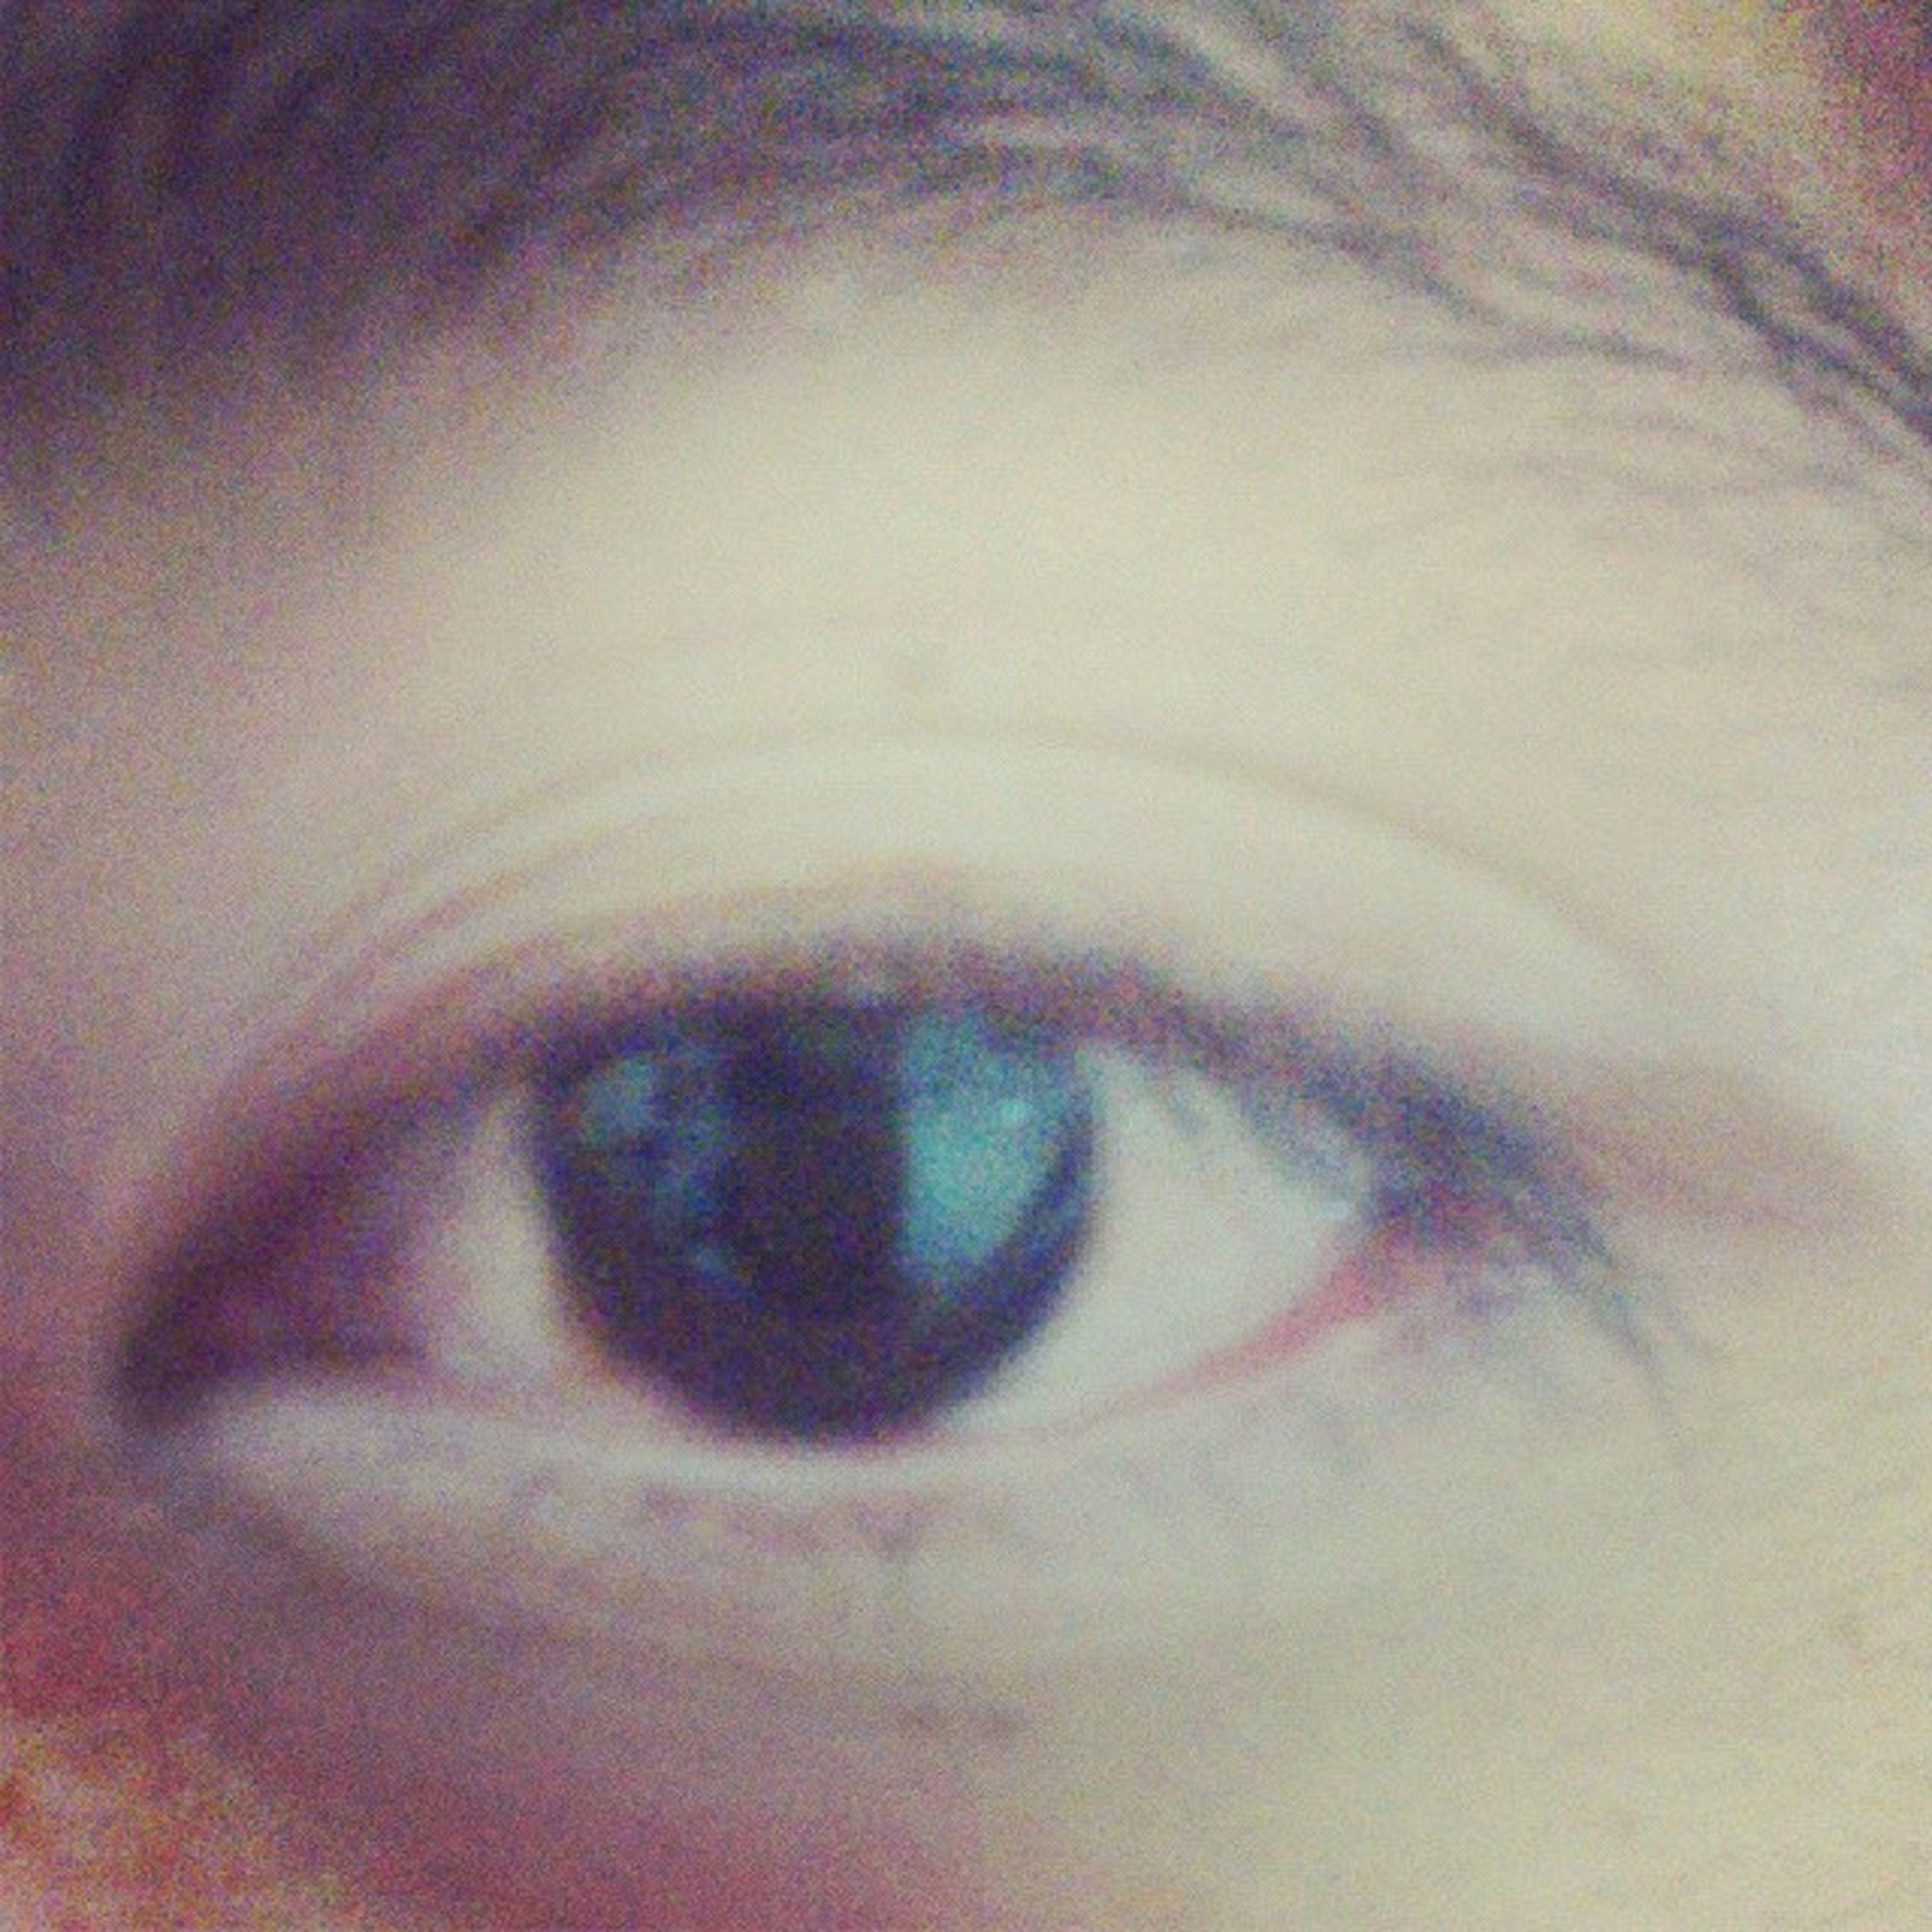 human eye, close-up, eyelash, full frame, extreme close-up, eyesight, sensory perception, part of, looking at camera, indoors, portrait, backgrounds, extreme close up, eyeball, detail, human skin, iris - eye